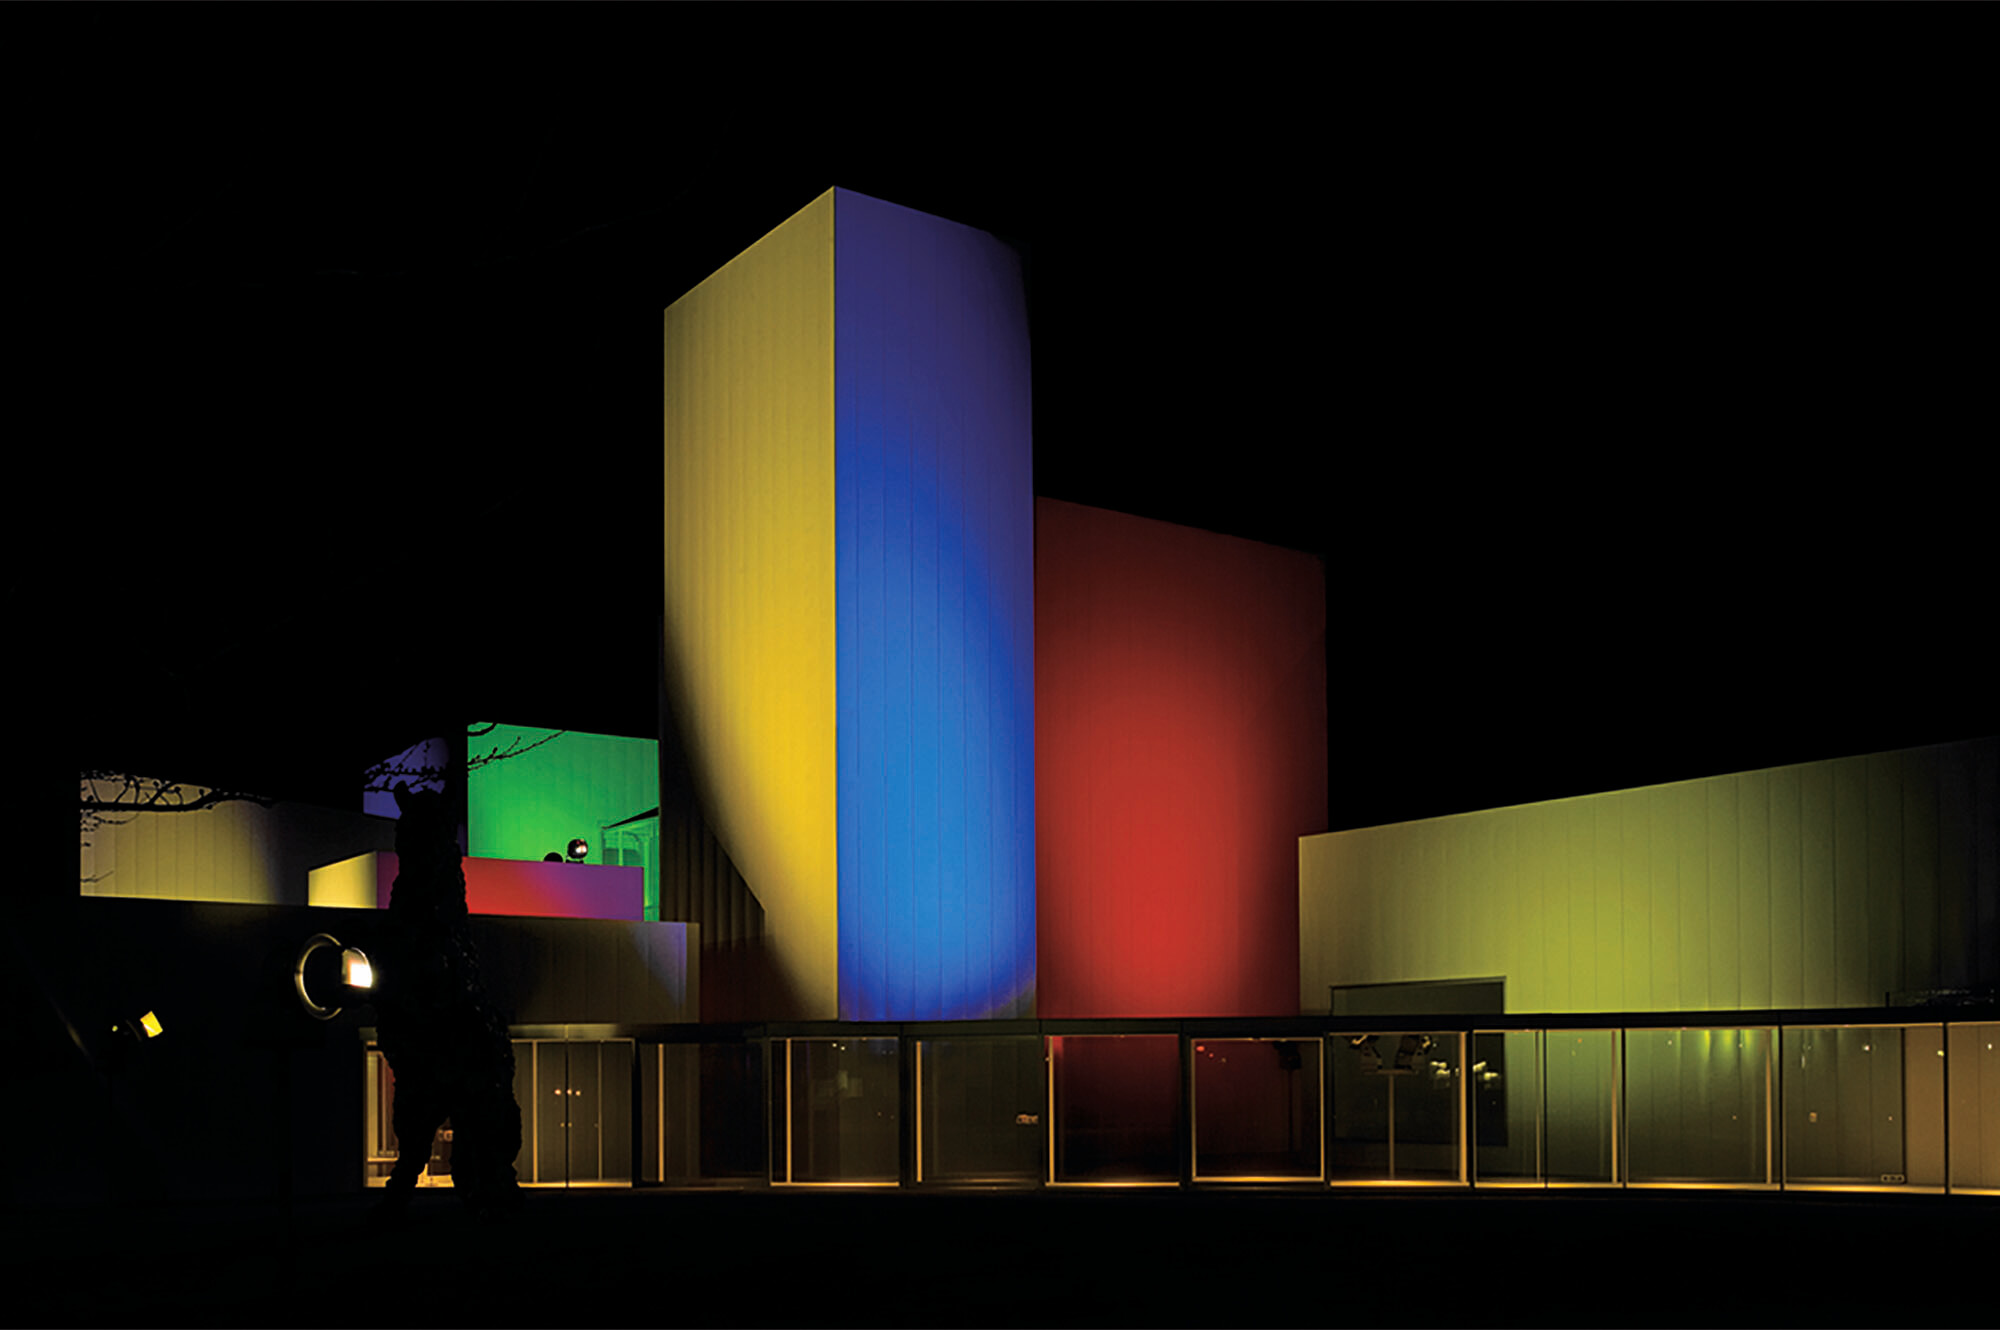 高橋匡太 Fragments of Color Cubes 現代美術 Contemporary Art